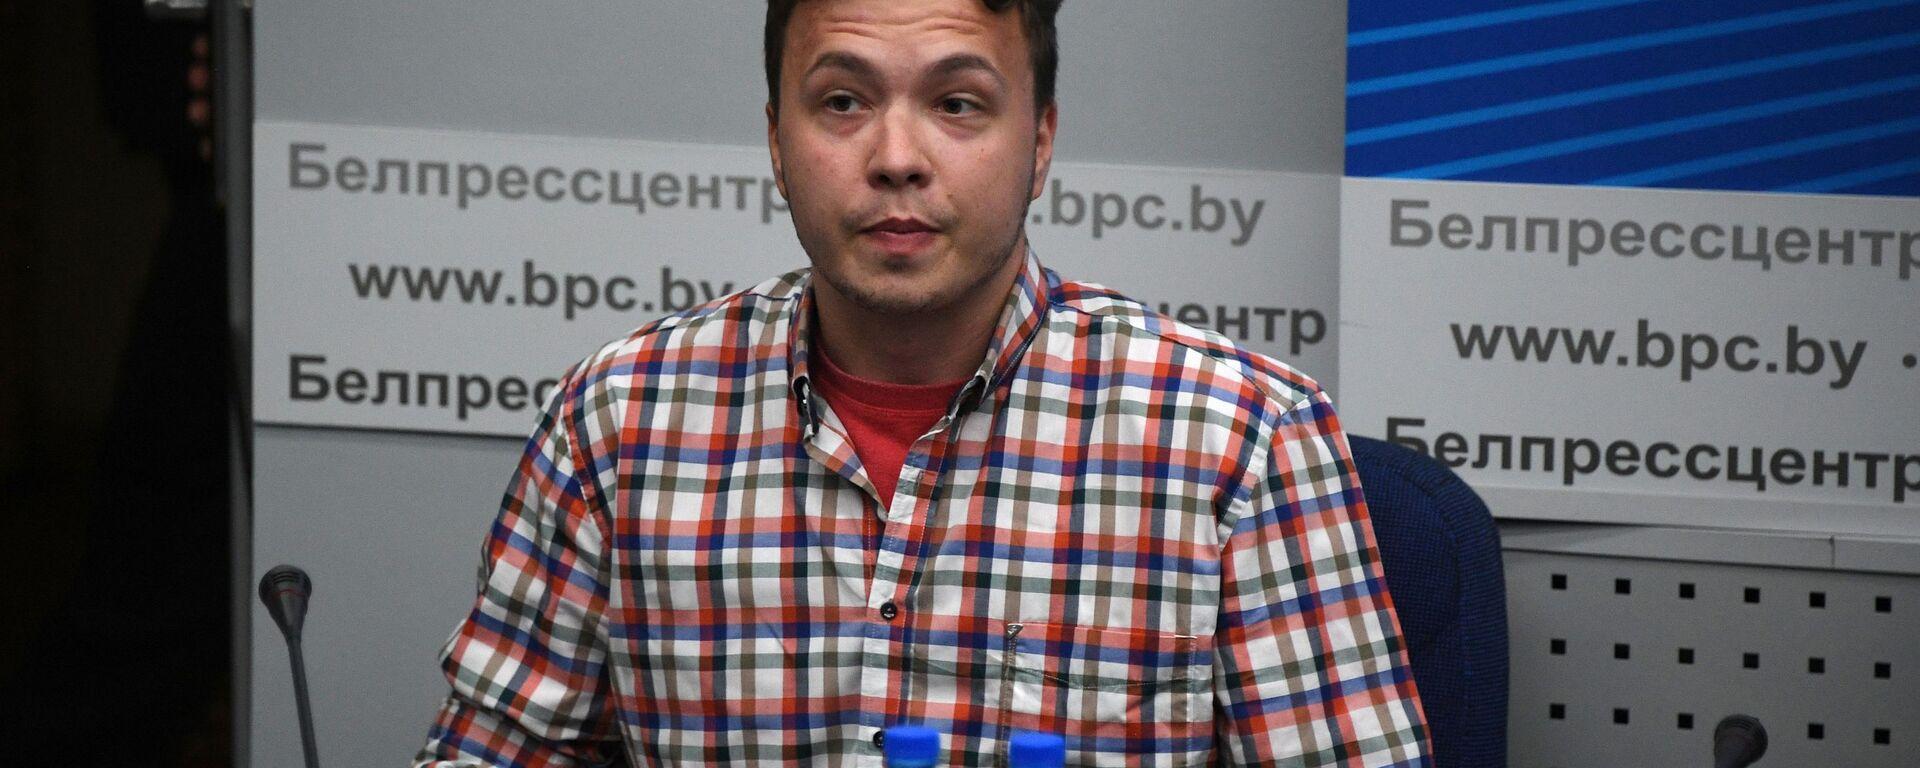 Raman Pratasiewicz na konferencji prasowej w Mińsku - Sputnik Polska, 1920, 07.07.2021